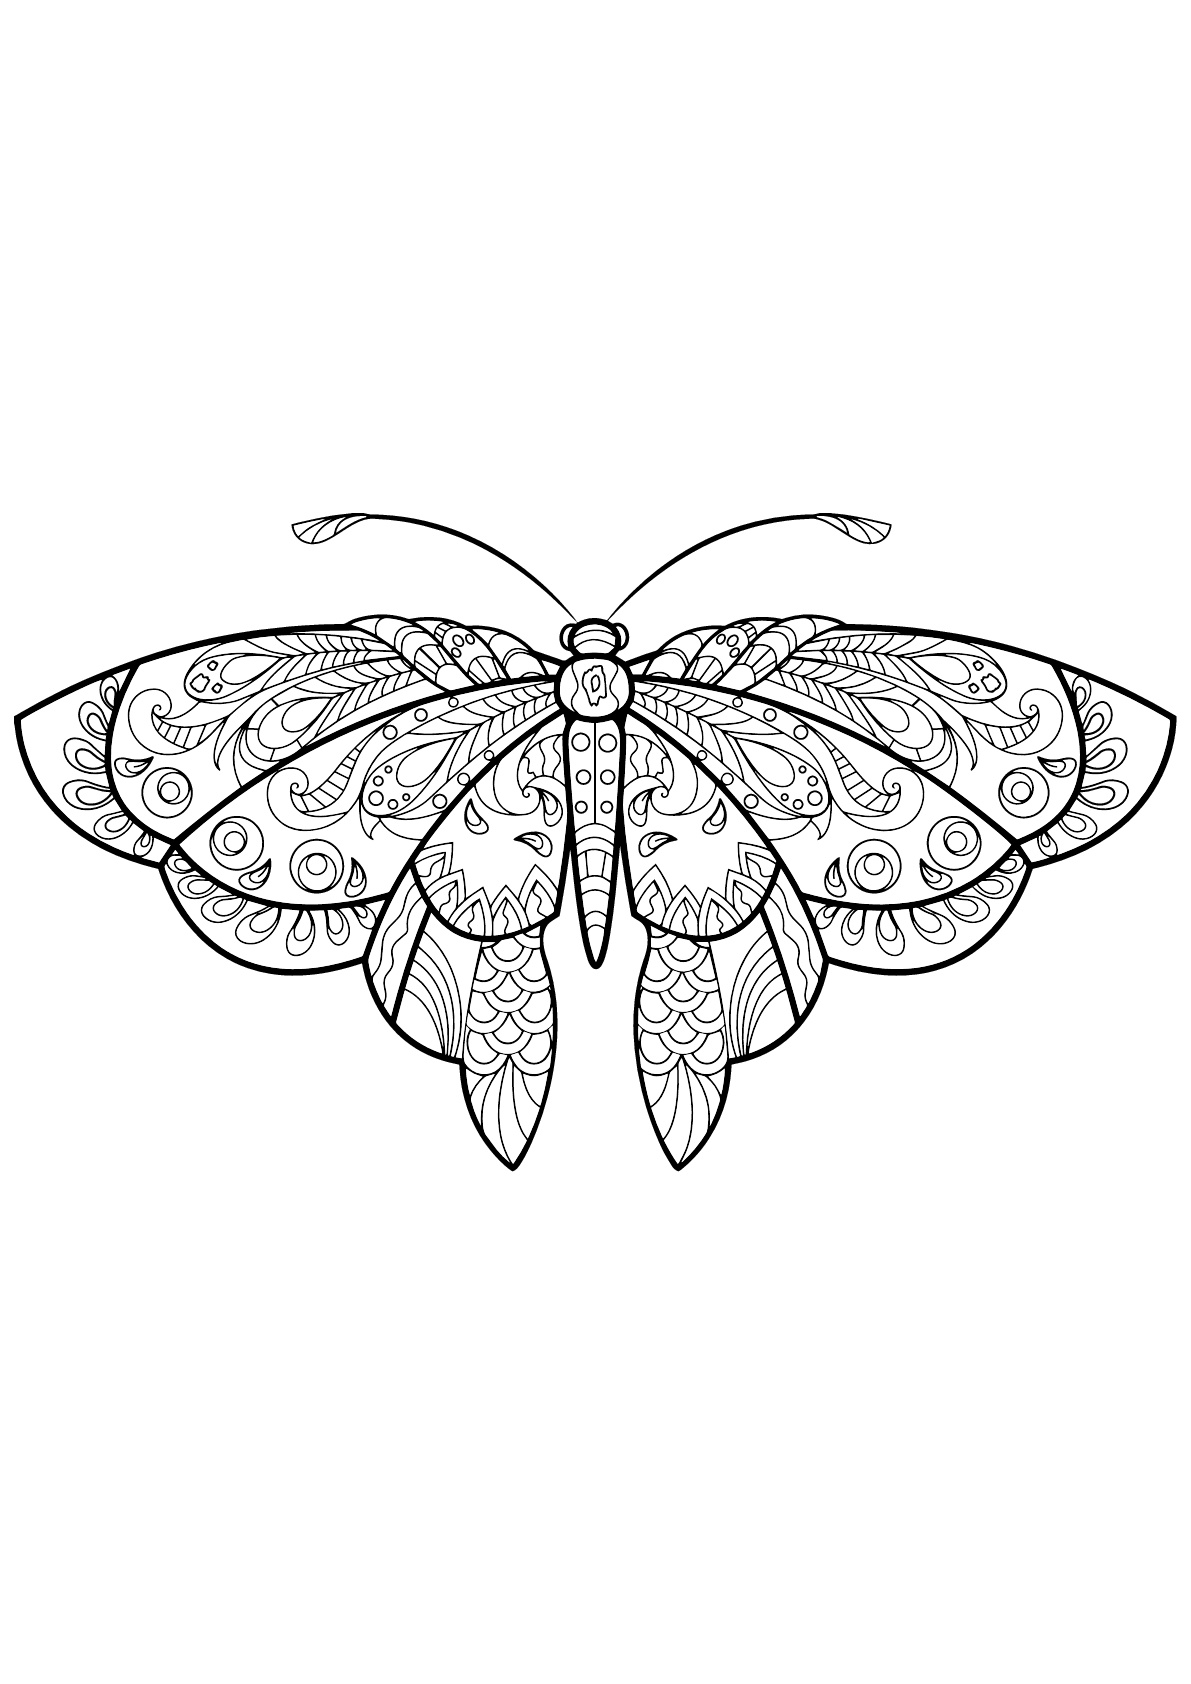 Colorear para adultos  : Insectos - 14